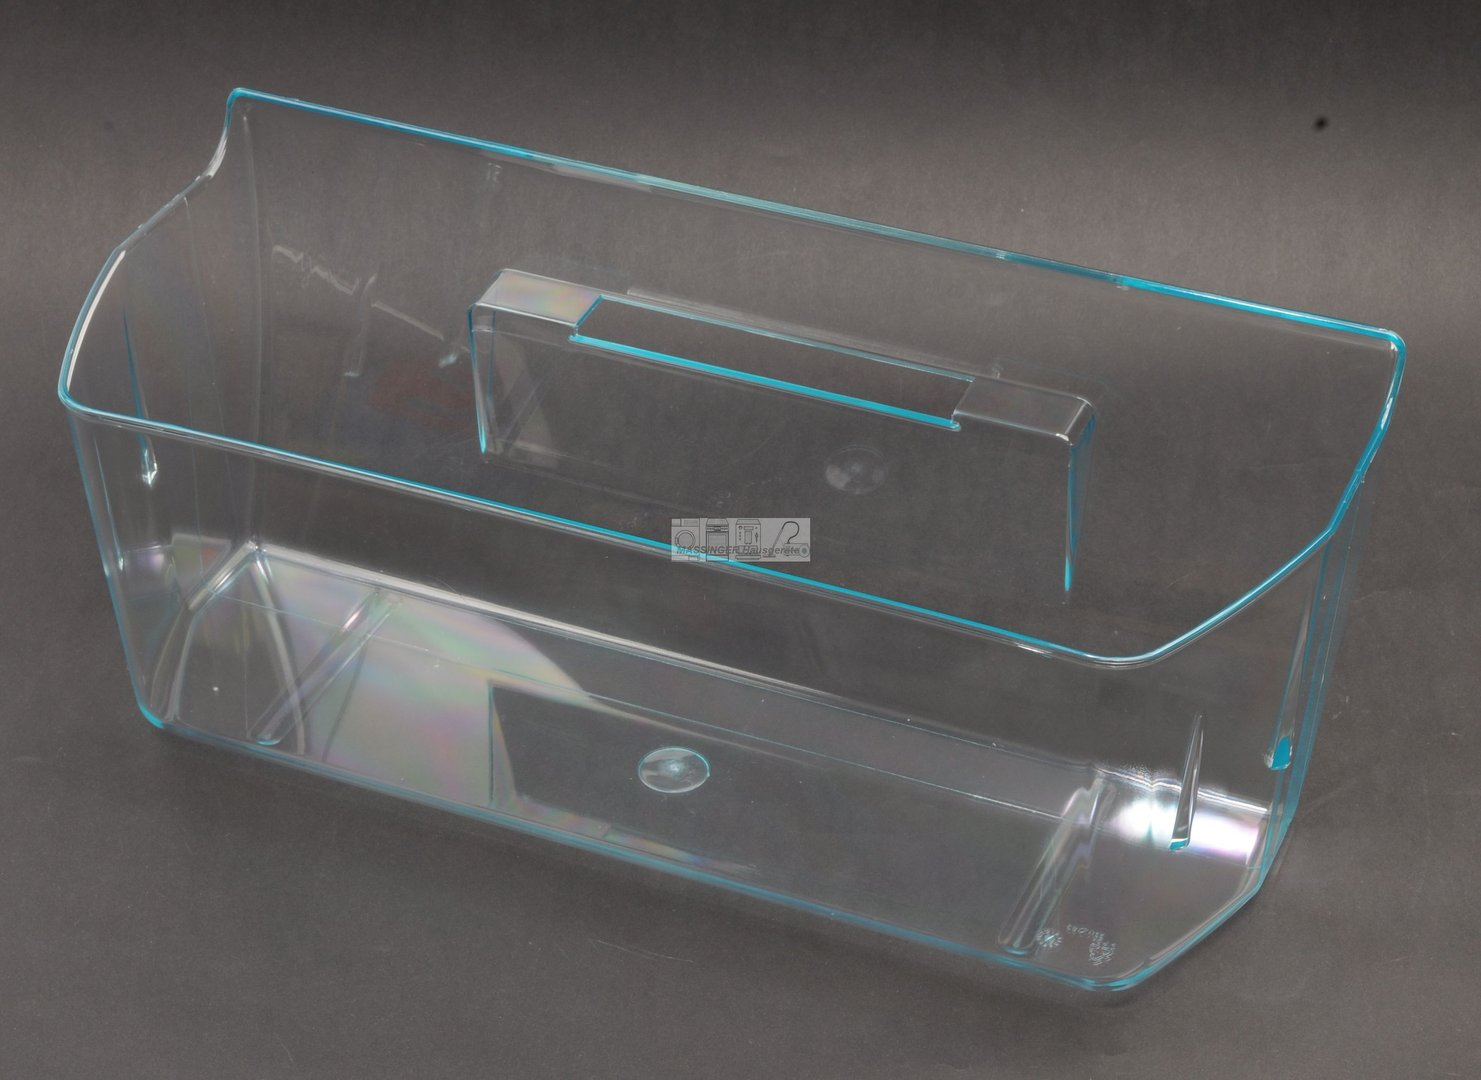 Bosch Kühlschrank Wasser Unter Gemüsefach : Siemens kühlschrank wasser im gemüsefach mein kühlschrank stinkt